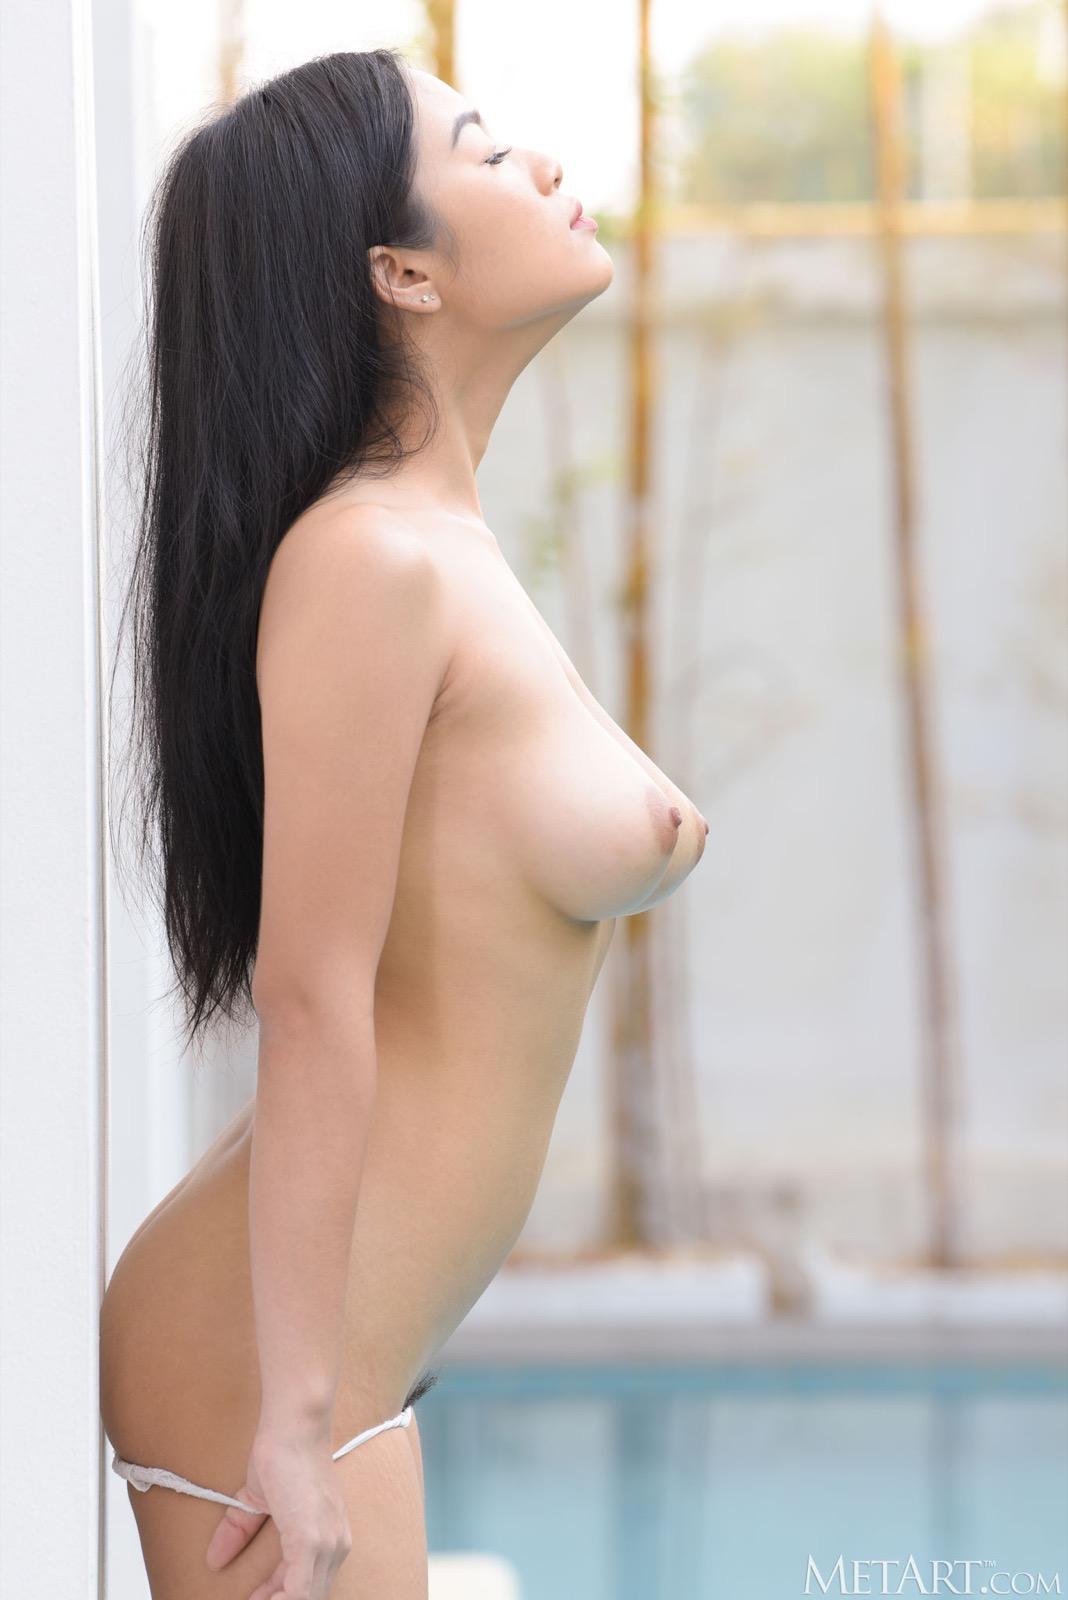 Hot Naked Girl - Sexy Girl - kahlisa - nude 10340